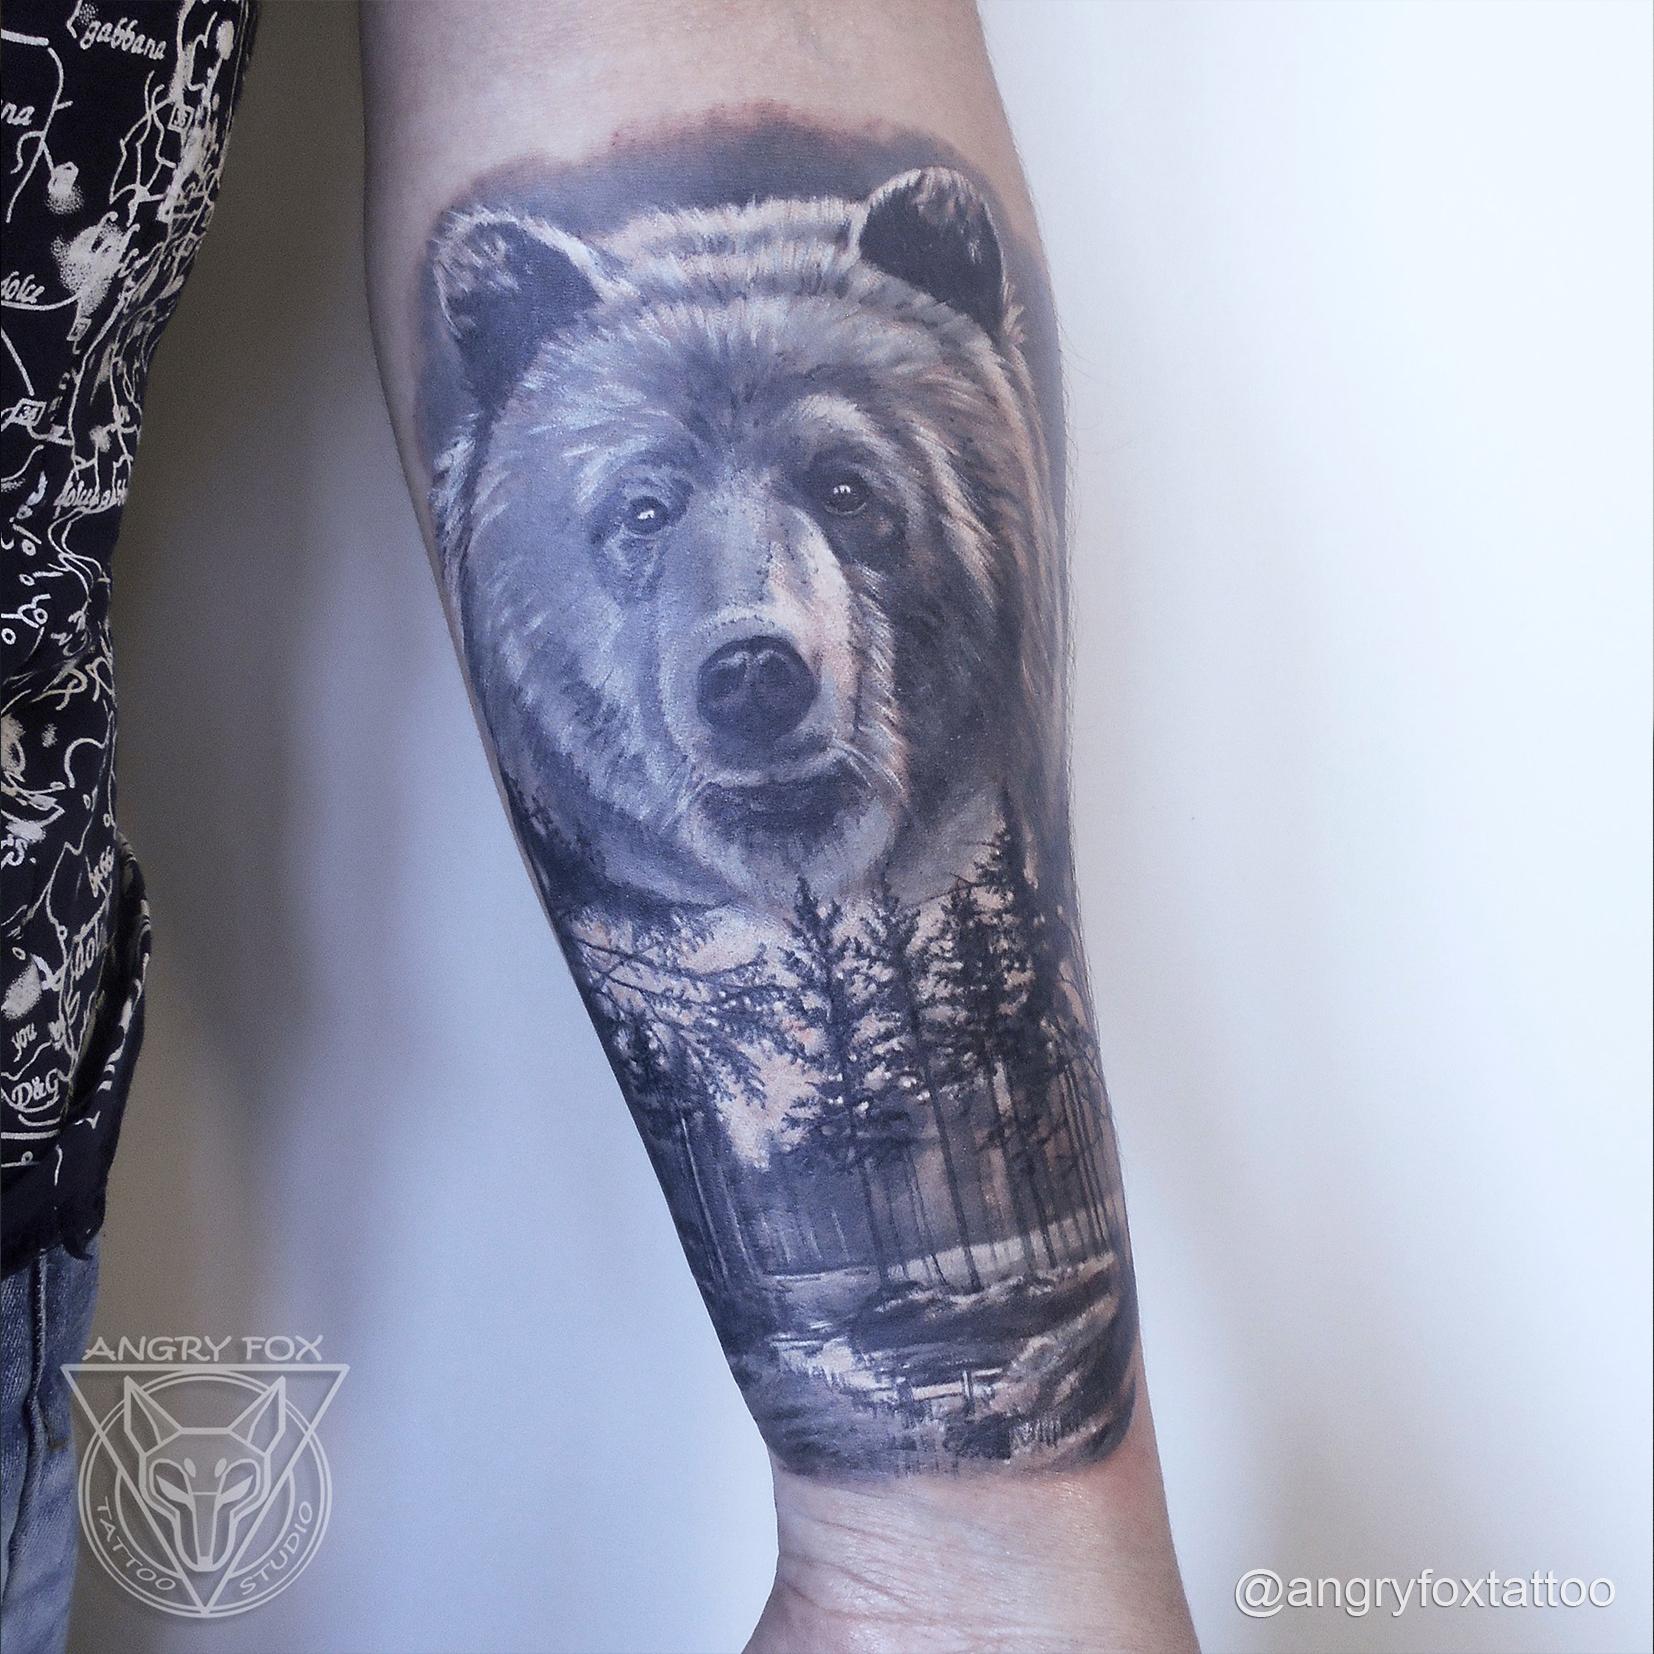 татуировка, тату, рука, предплечье, мужчина, реализм, лес, медведь, река